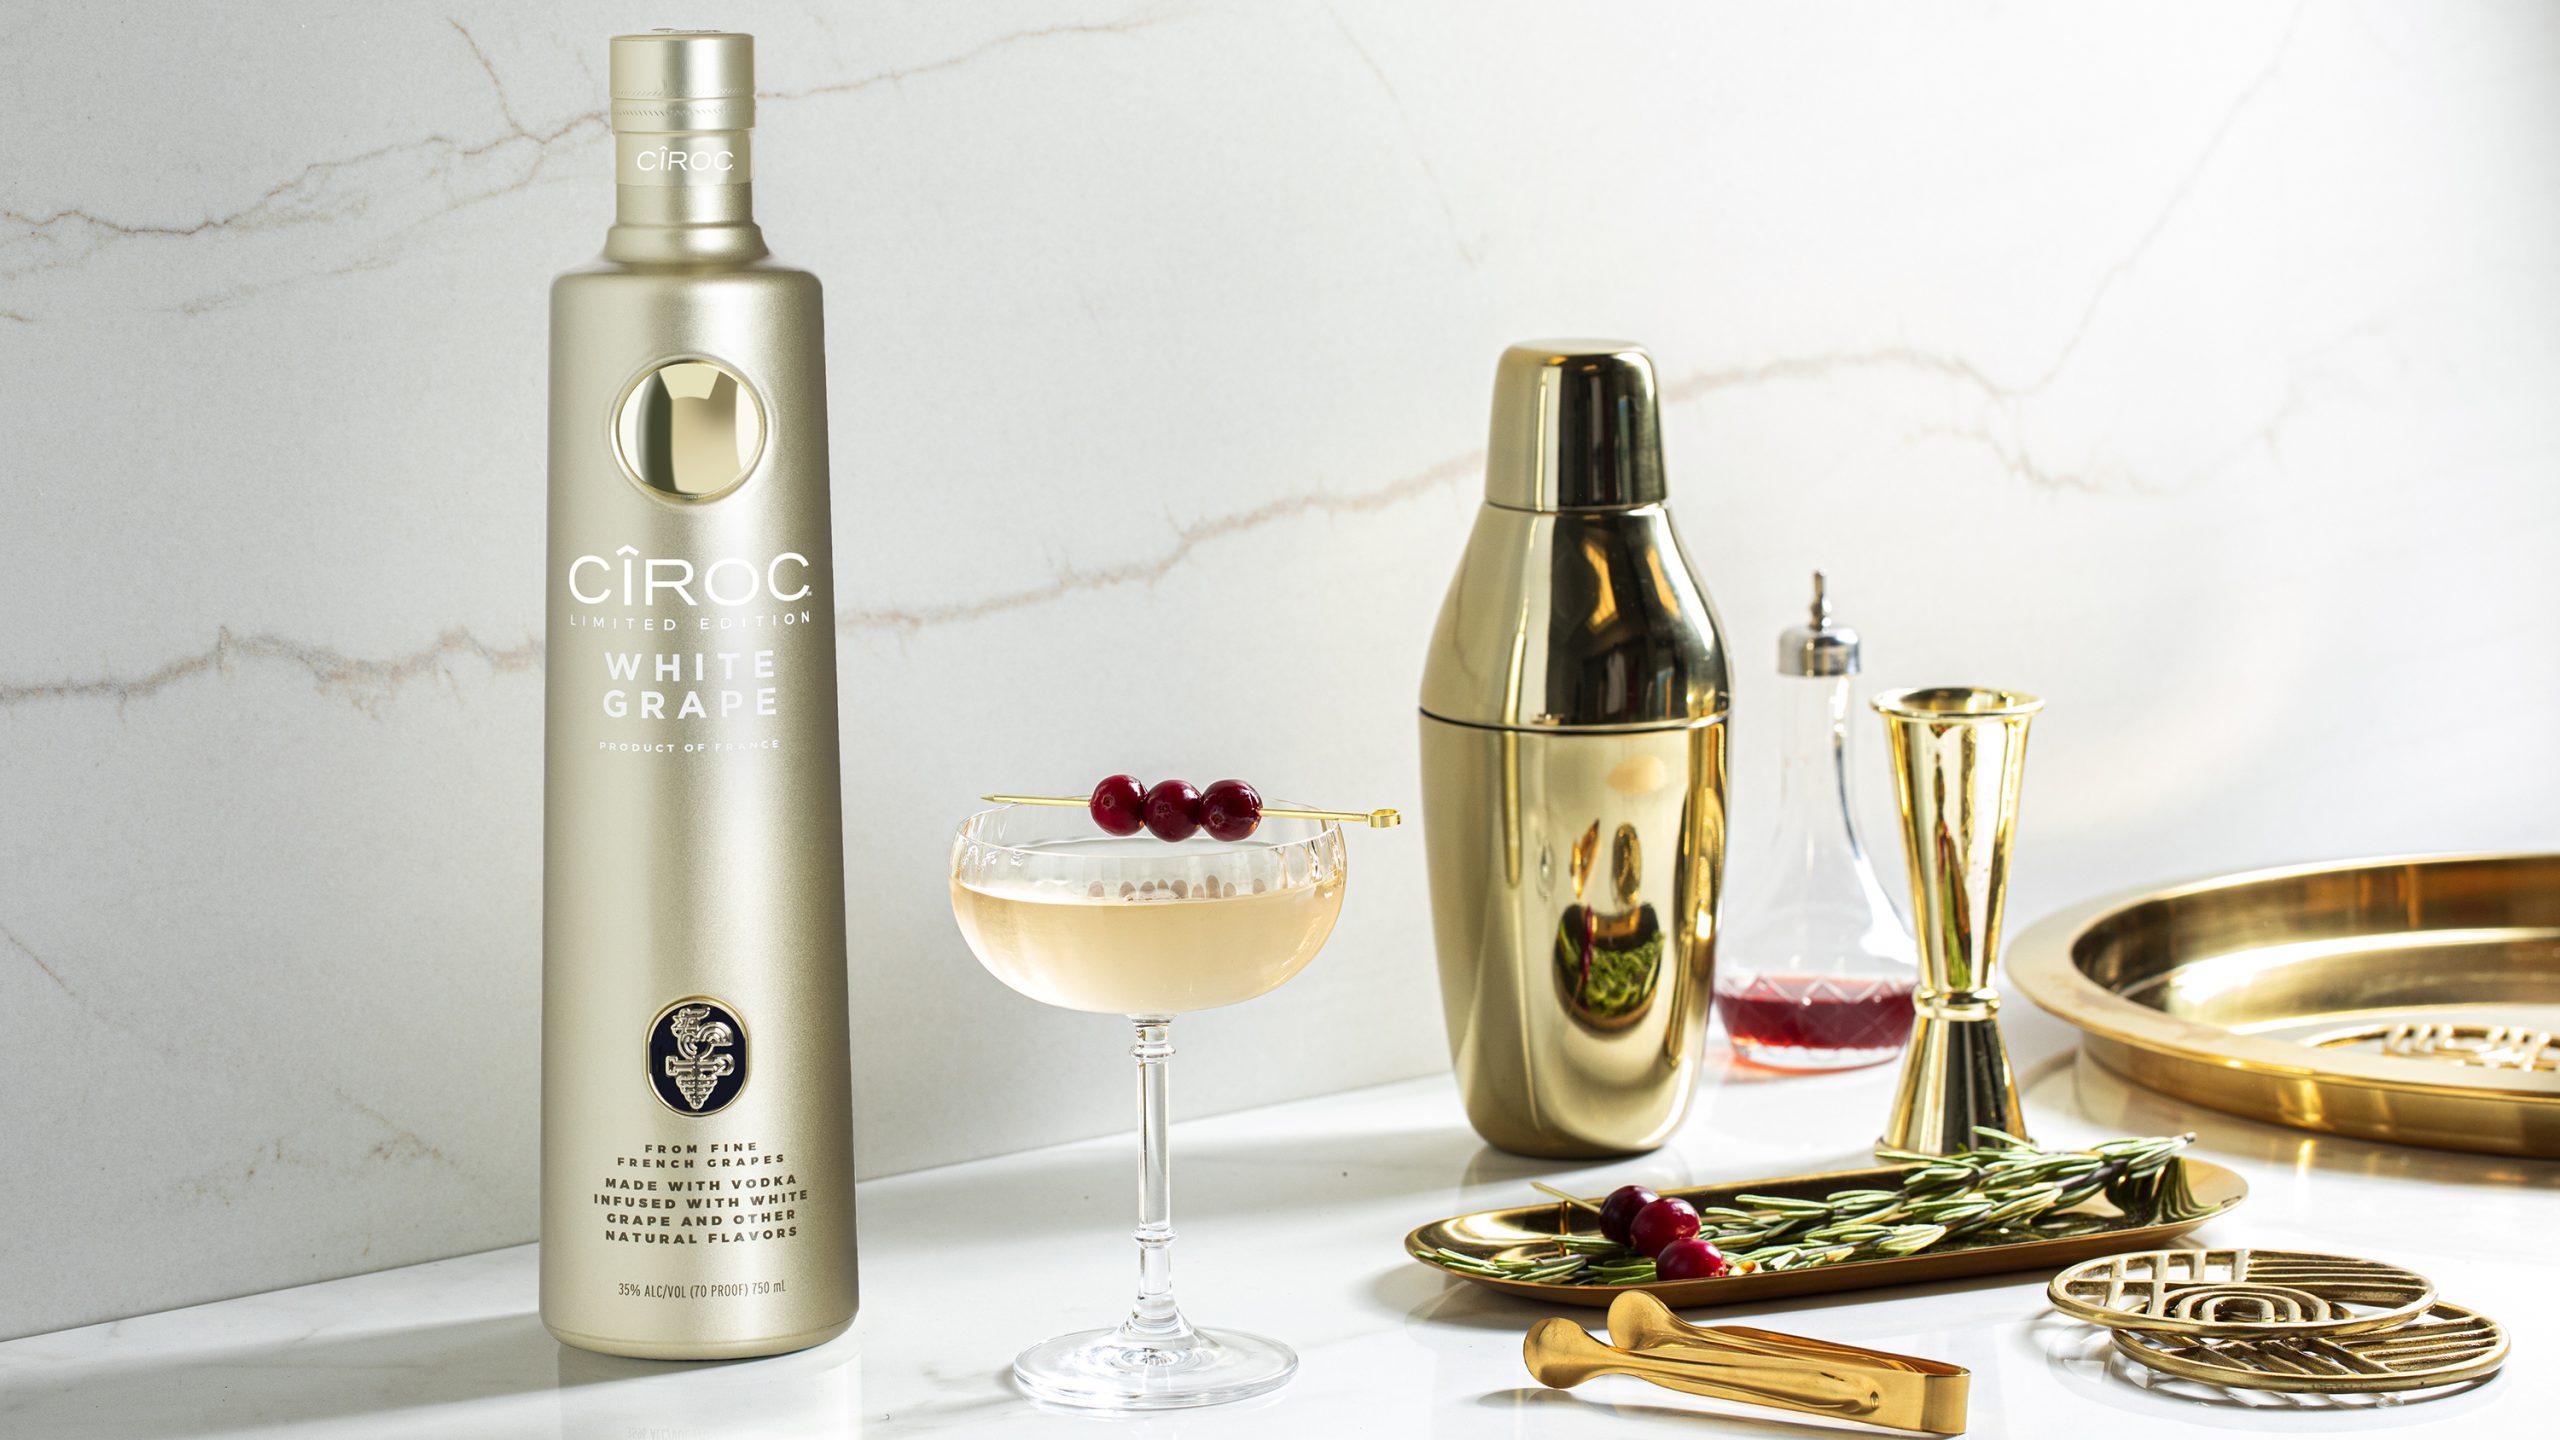 Ciroc White Grape Cranberry Martini